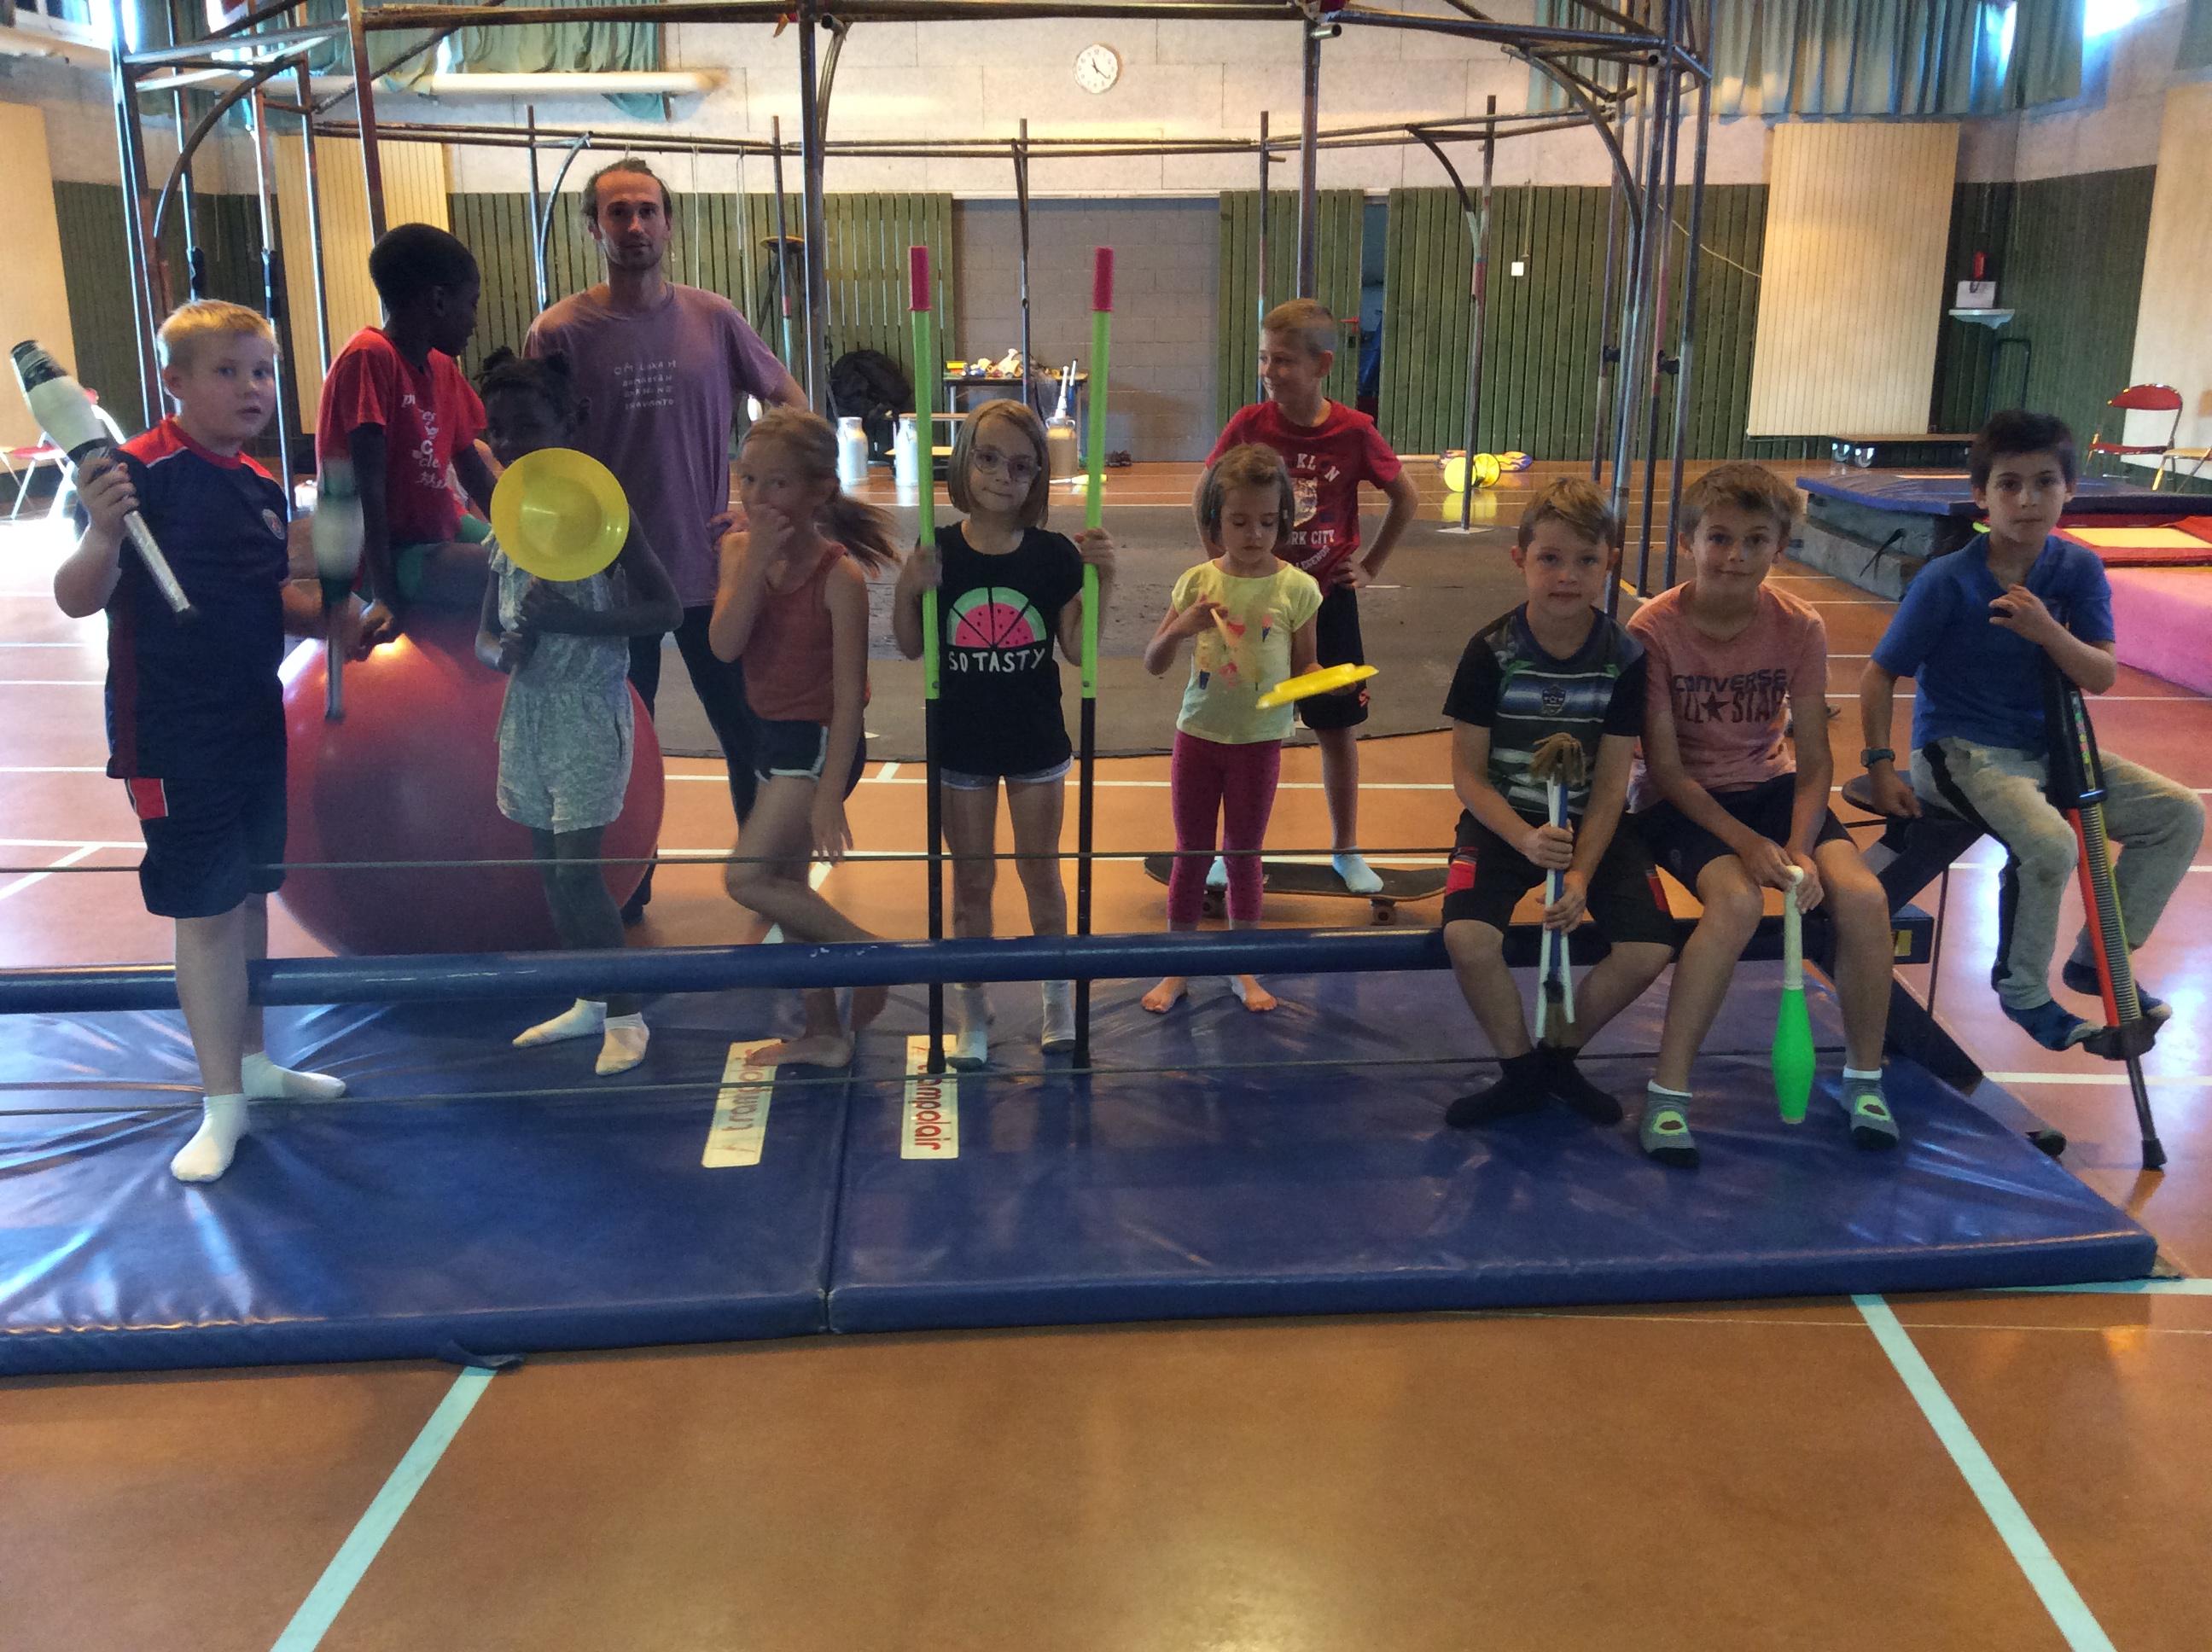 hostellerie de pontempeyrat école de cirque 090819